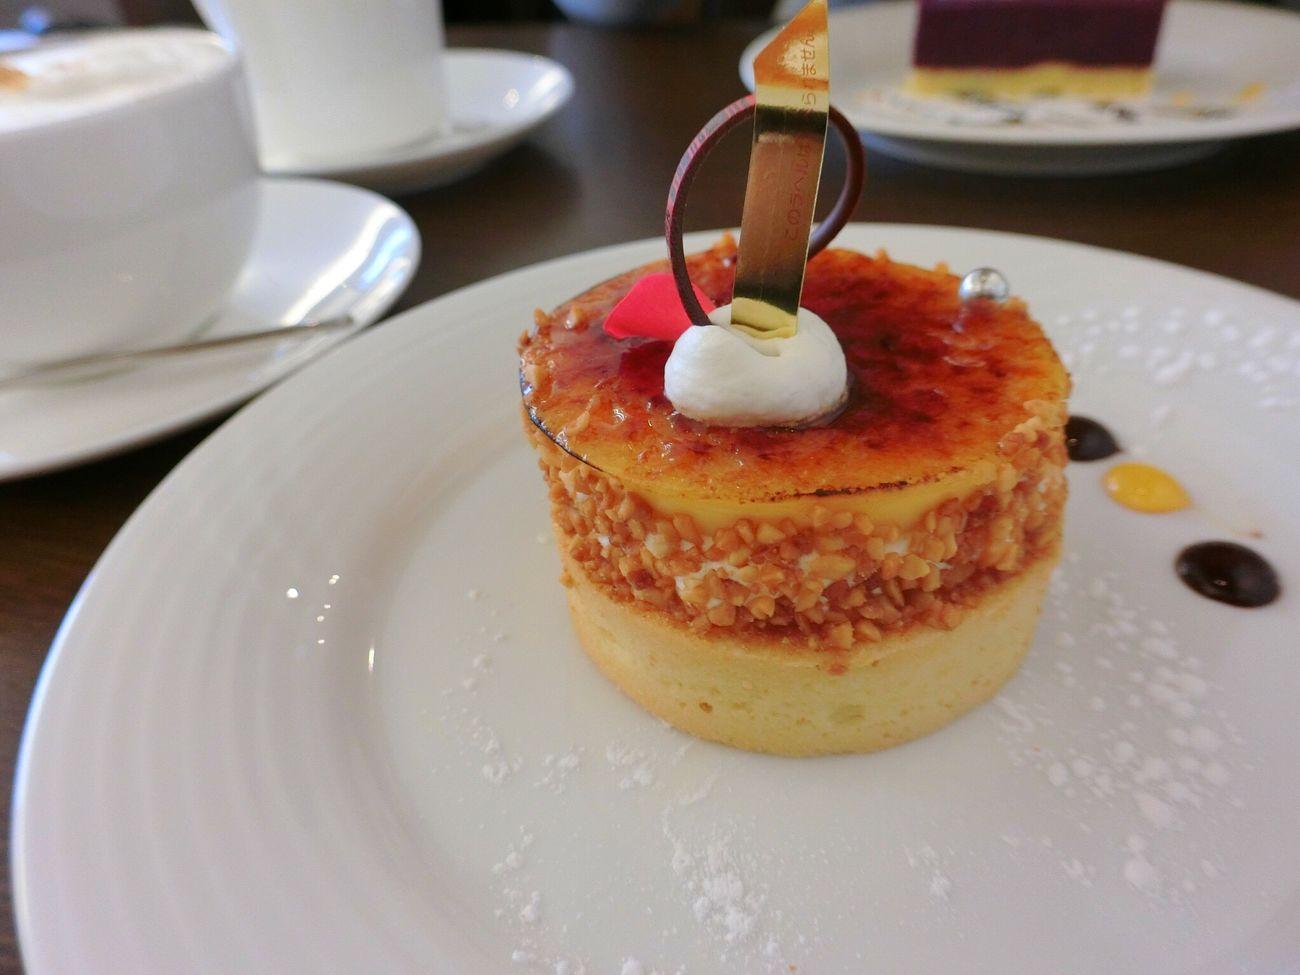 クリームブリュレ ケーキ Cake Sweet Yummy Happy 名古屋 Japan